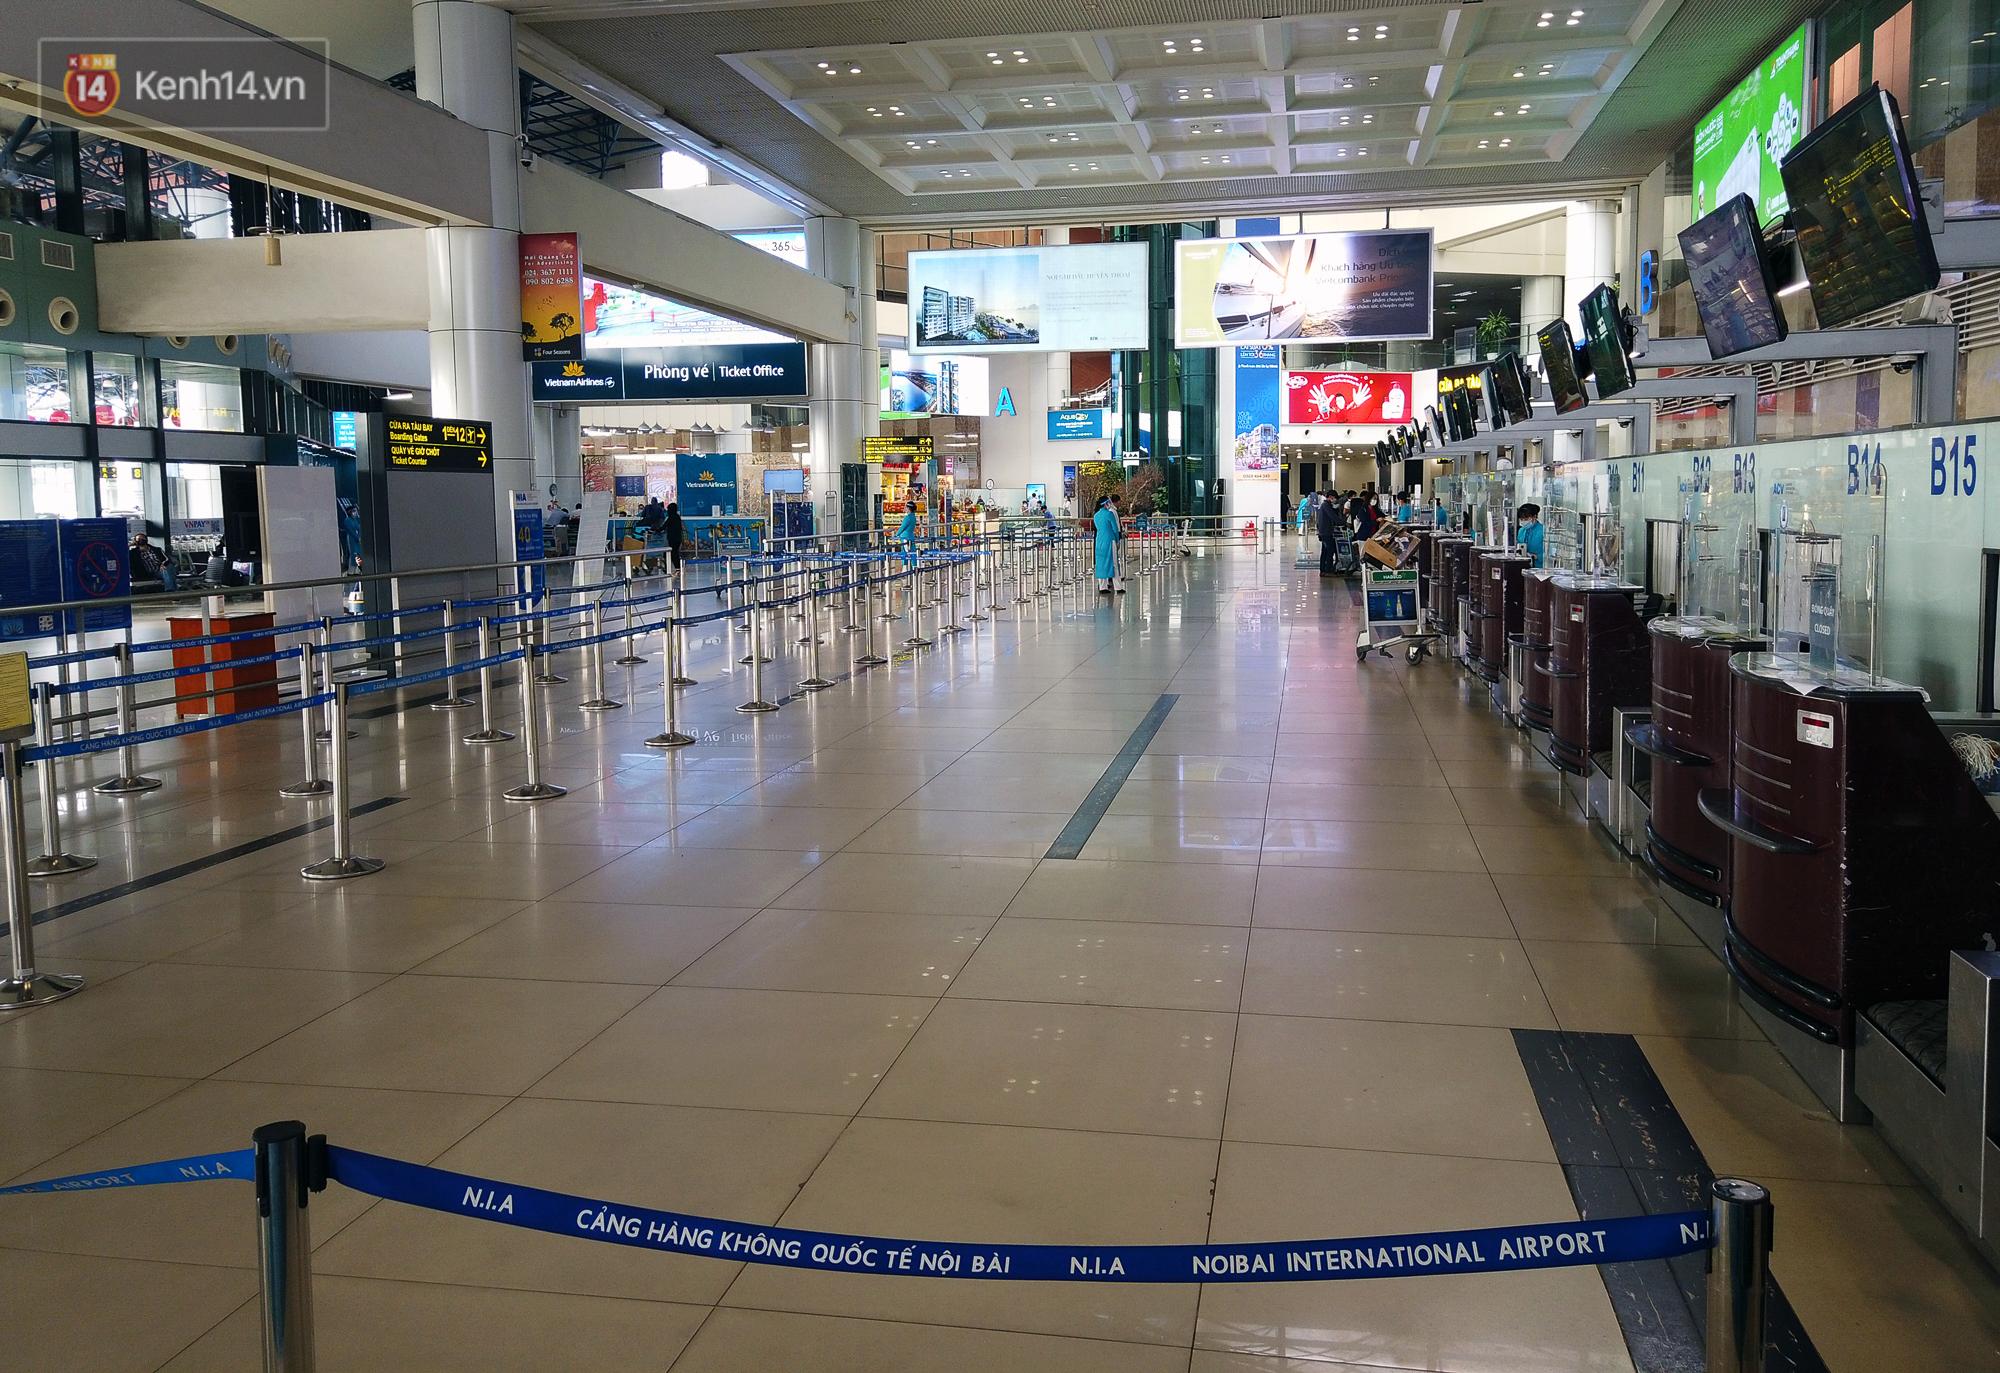 Ảnh: Sân bay Nội Bài vắng vẻ cận Tết Nguyên Đán, khác hẳn cảnh tượng đông đúc mọi năm - Ảnh 1.